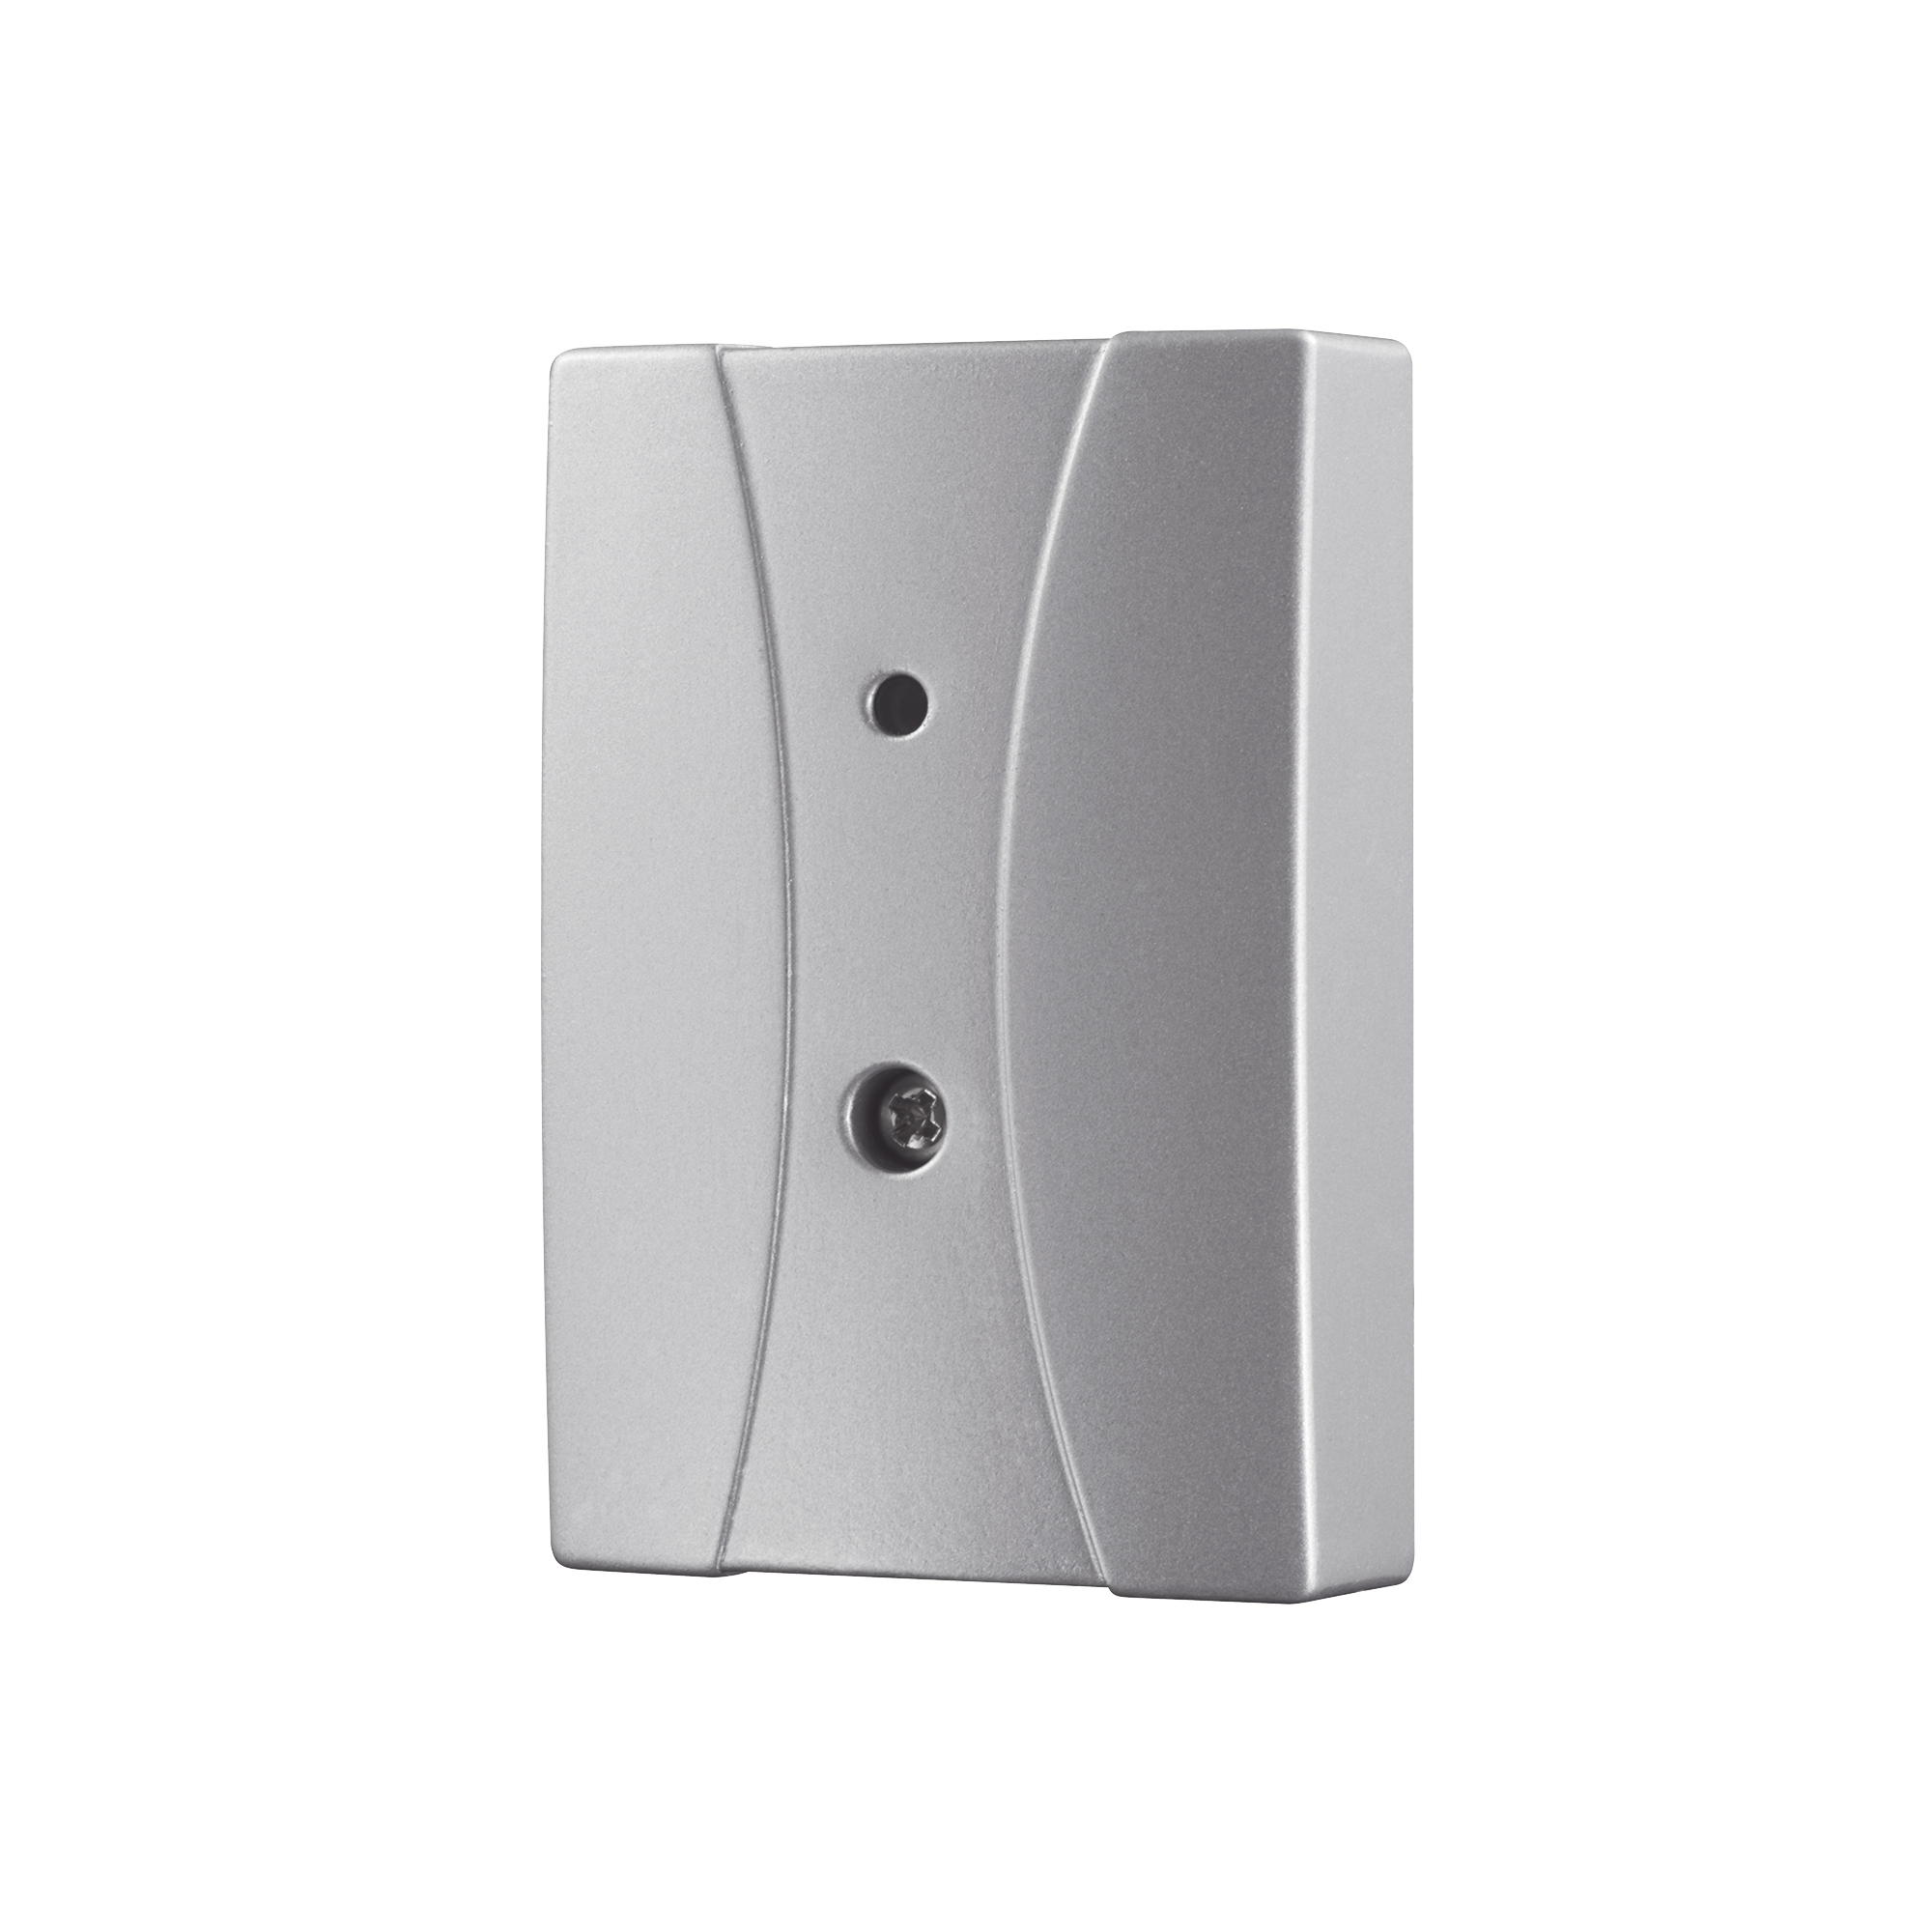 Detector de vibración Hikvision / Cableado